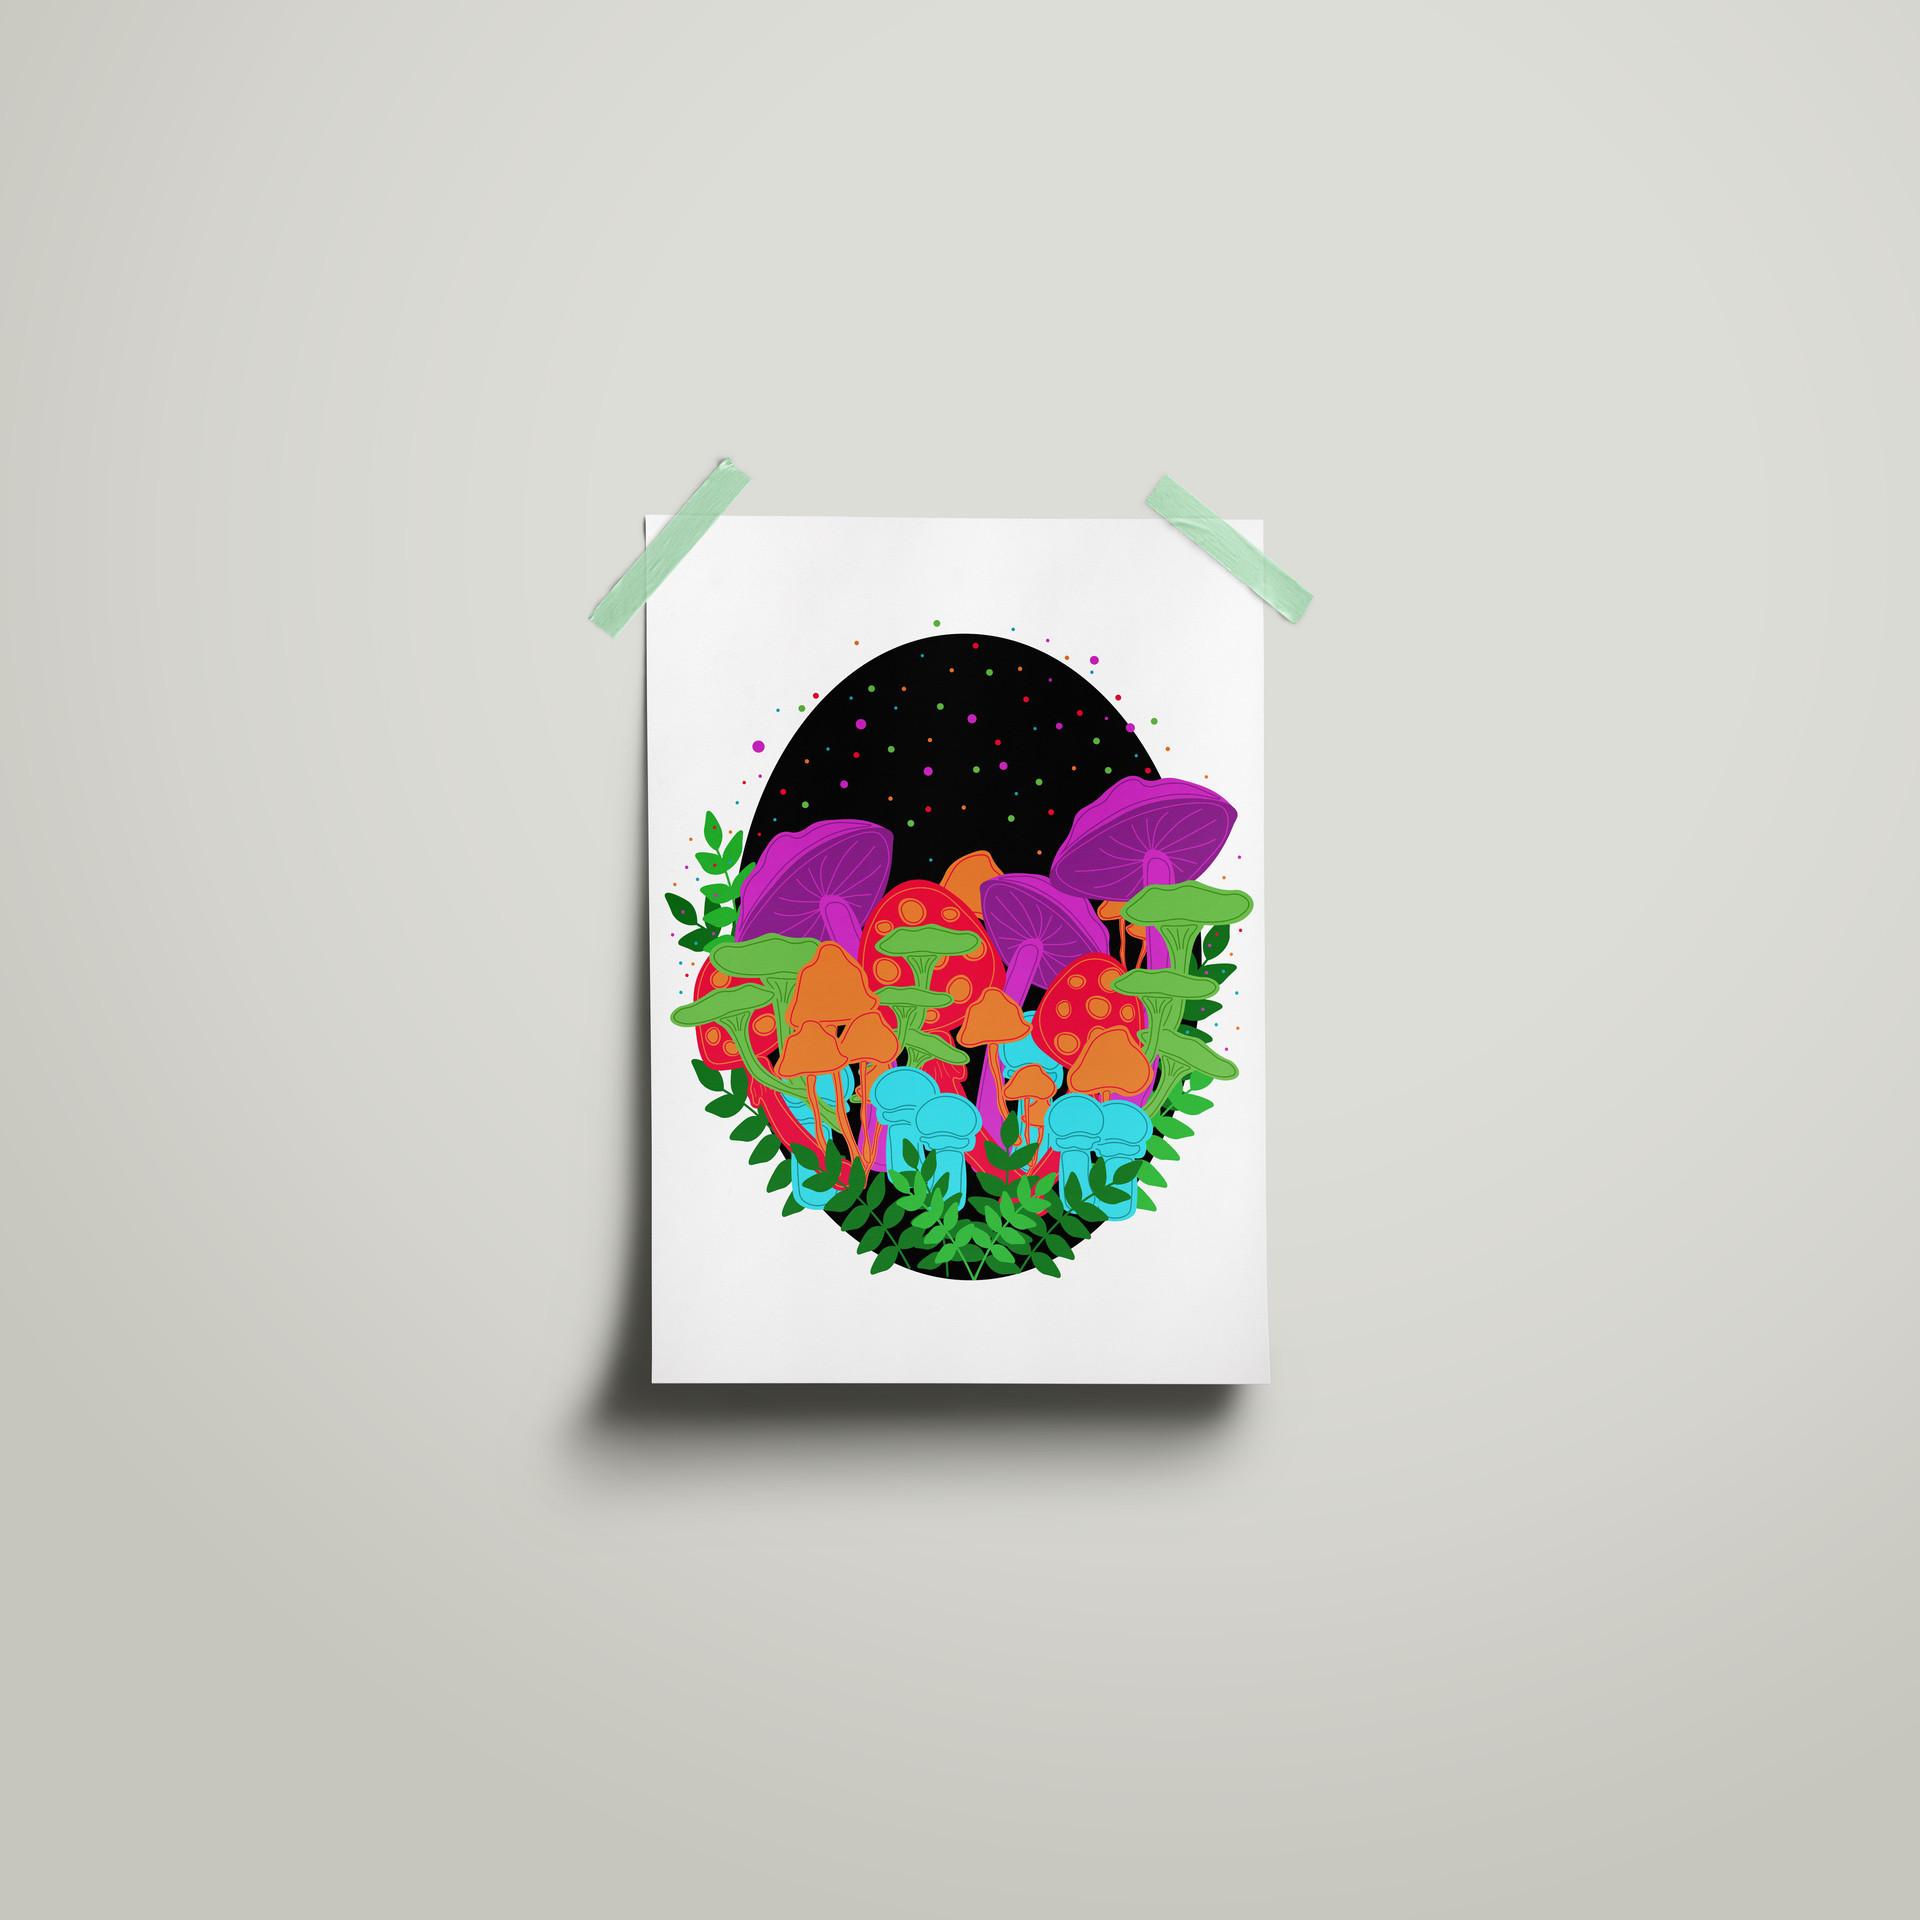 illustrationmushroom.jpg